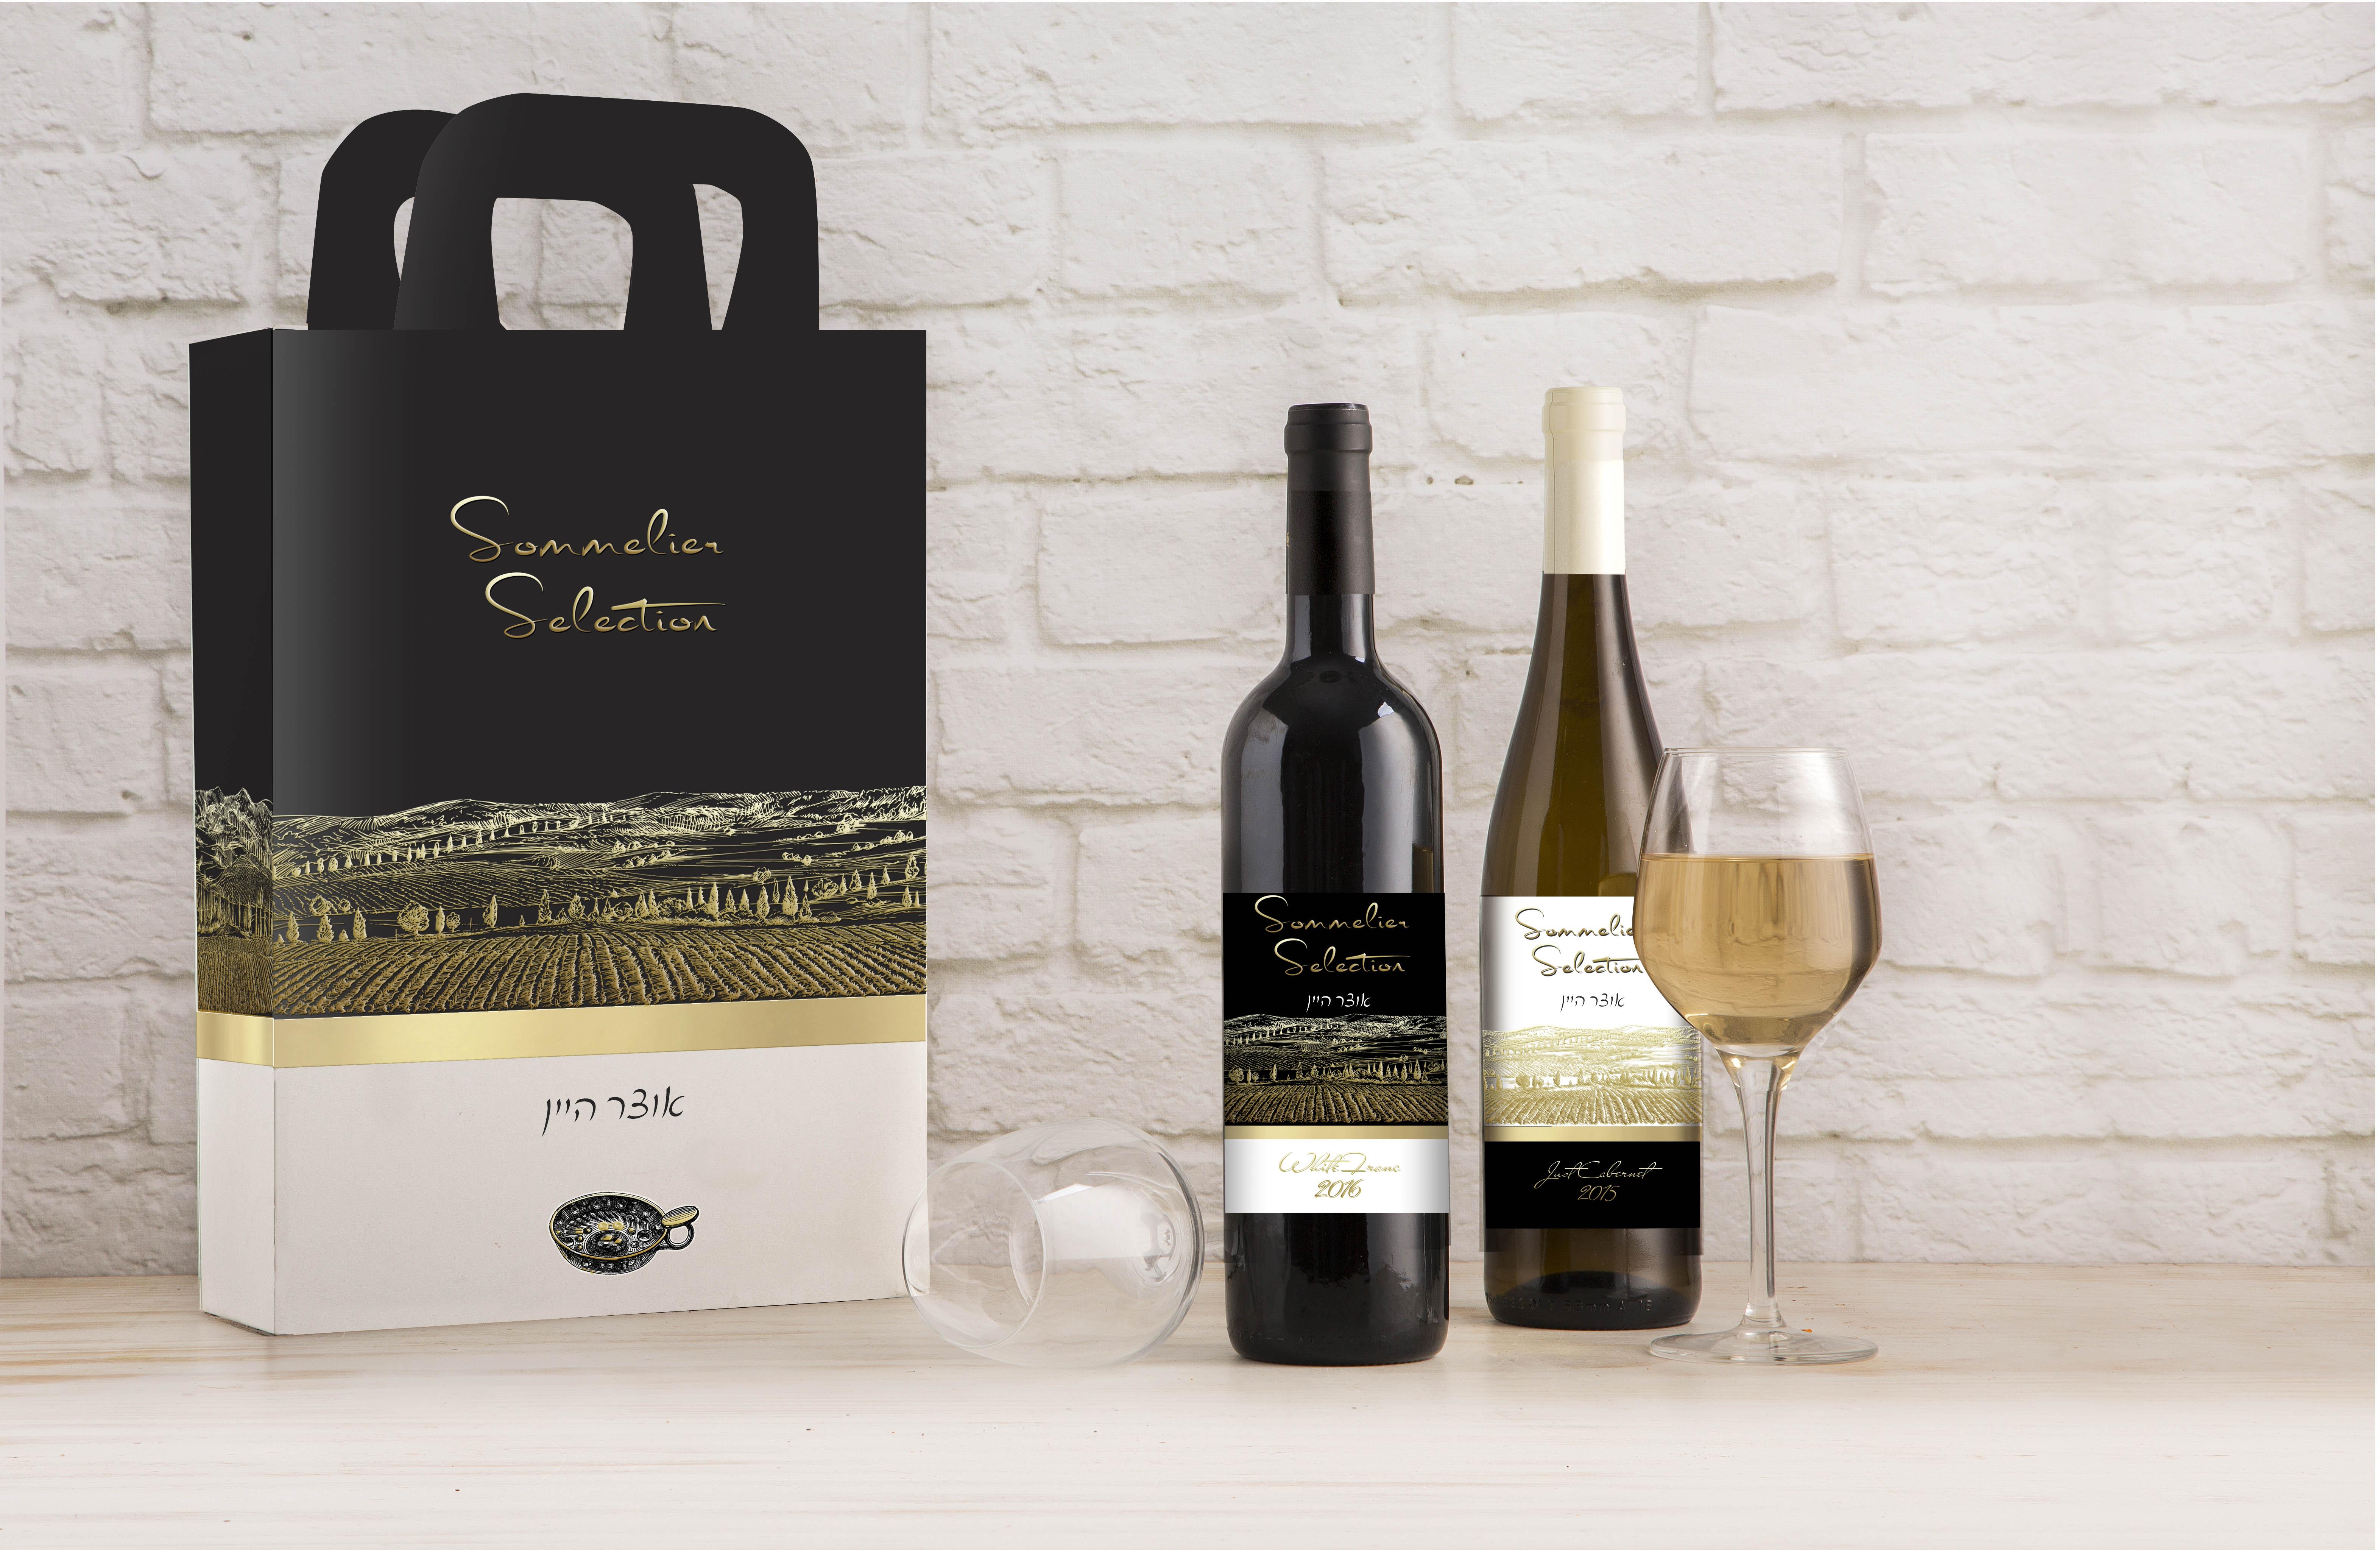 מארז אוצר היין. זוג יינות במחיר 140 שח. יין וזוג כוסות במחיר 110 שח. המיזם החברתי ארקוסטיל למען בית איזי שפירא. צילום אסף אמברם (2)